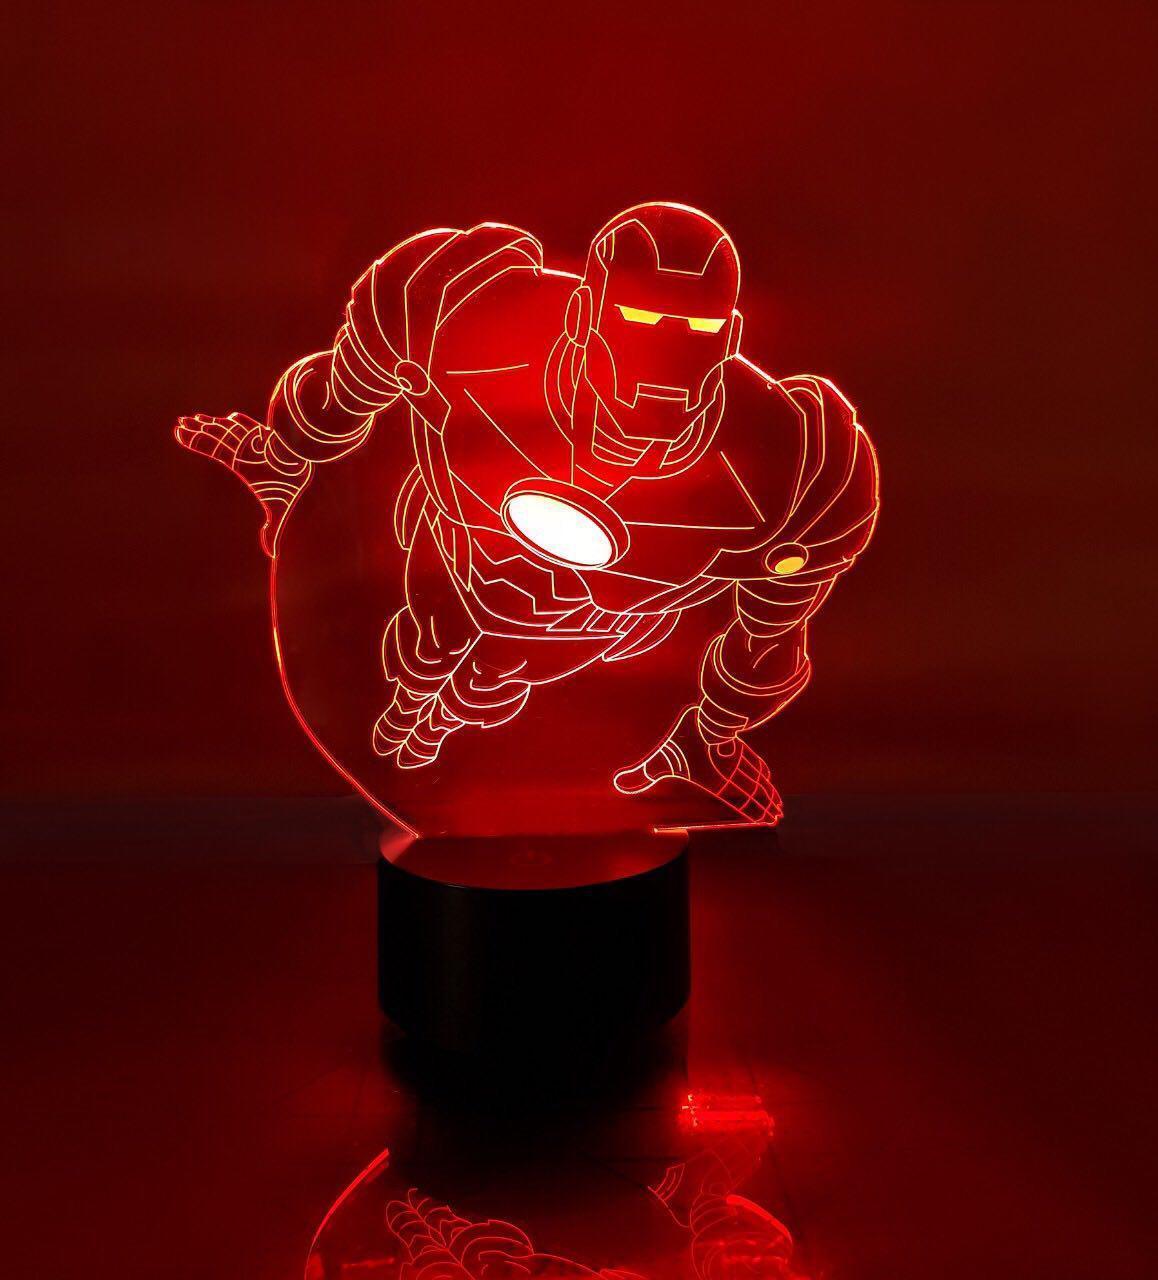 """Сменная пластина для 3D ночника """"Железный человек 2"""" 3DTOYSLAMP"""